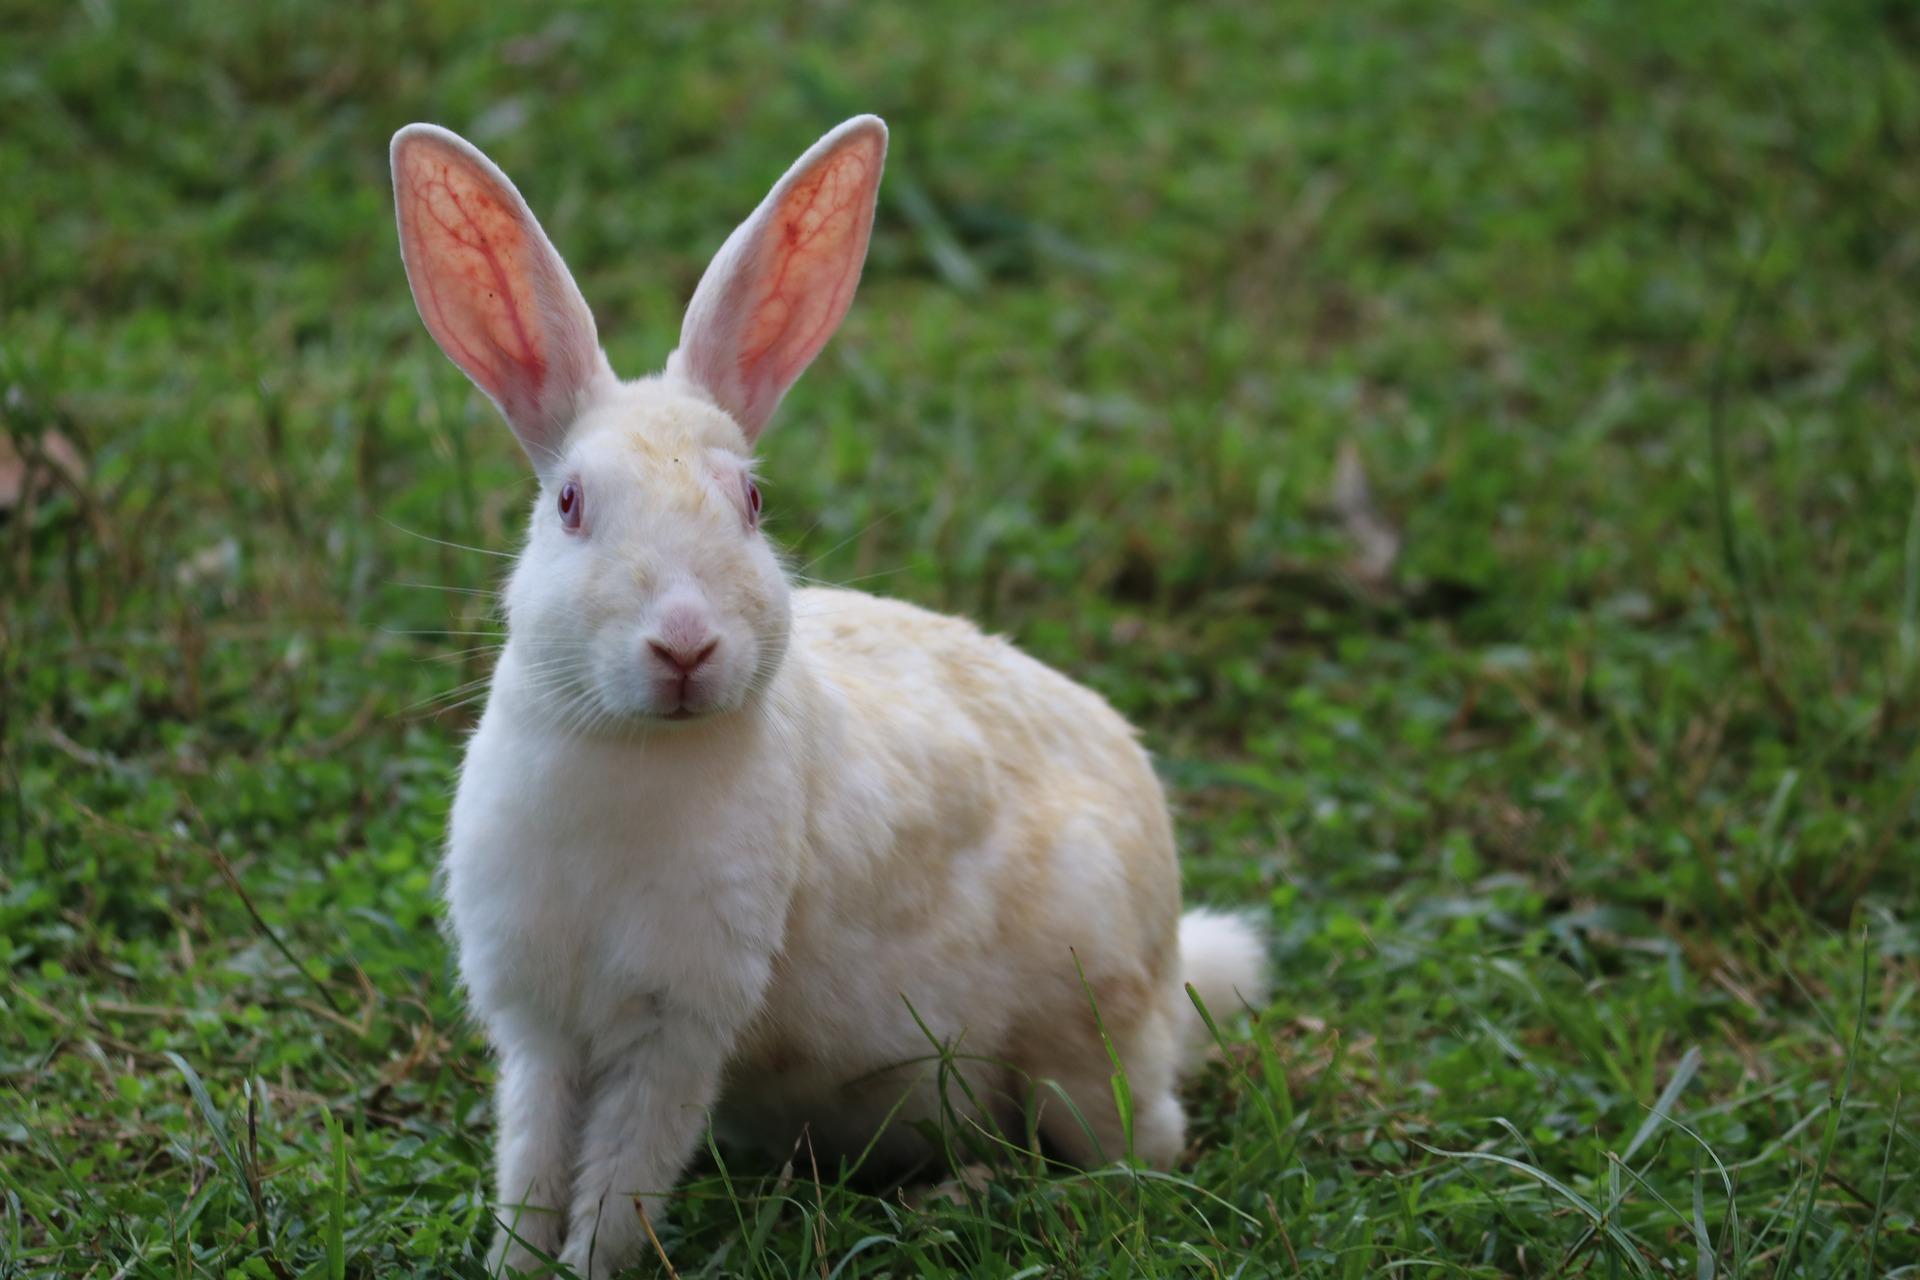 Avon macht großartige Fortschritte hin zu tierversuchsfreier Kosmetik!